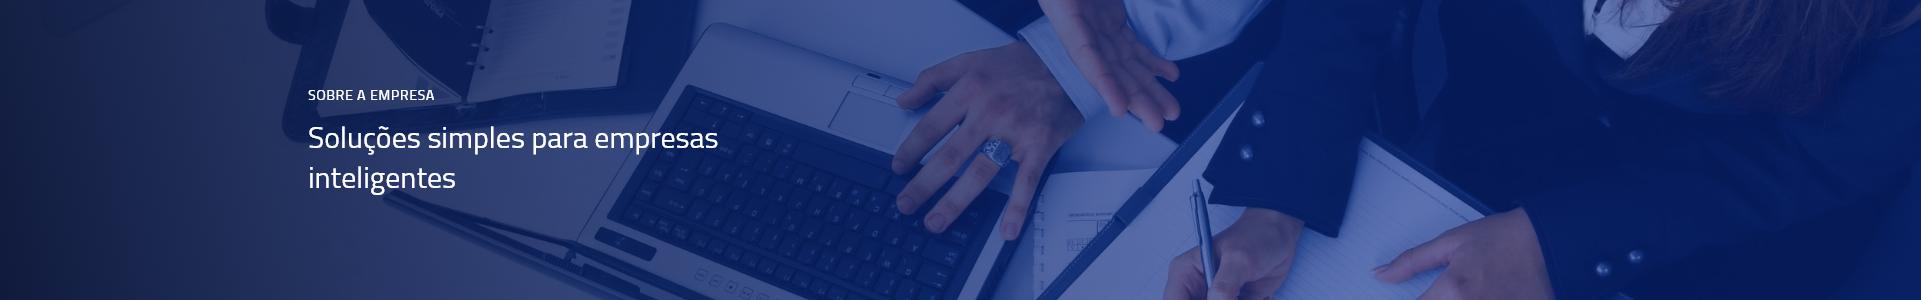 Somos uma empresa de serviços de contabilidade constituída por profissionais com larga experiência nas áreas de gestão empresarial